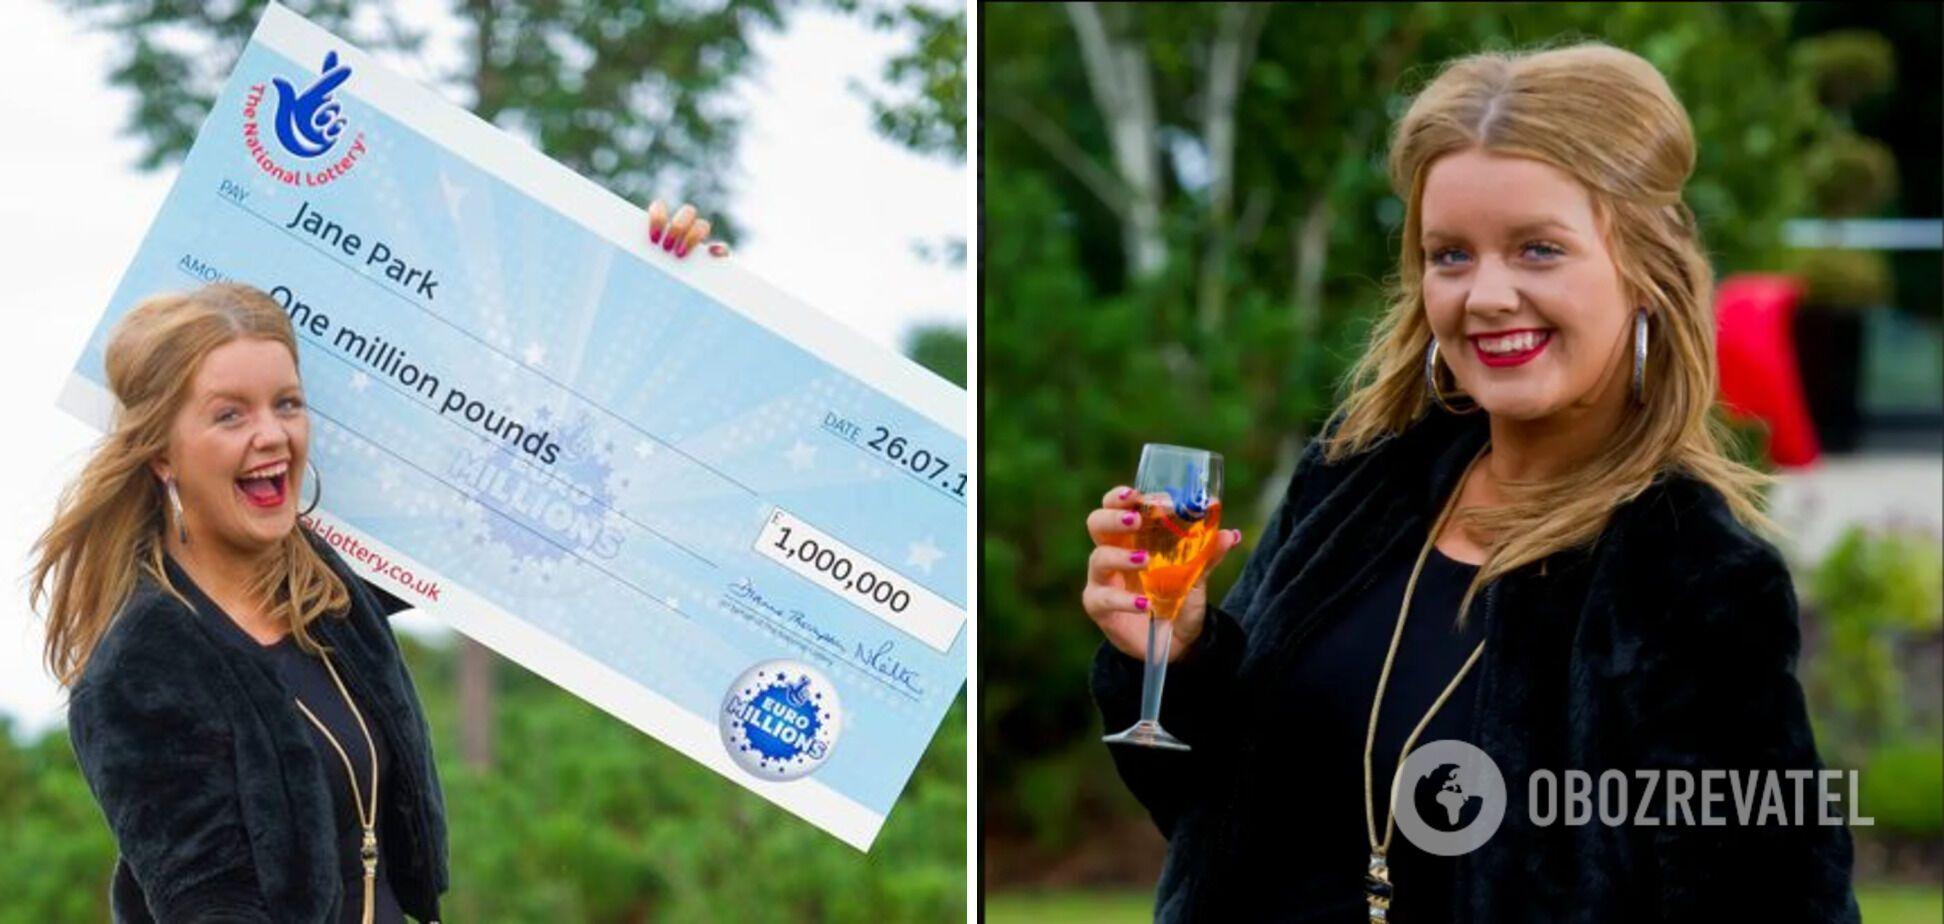 Джейн Парк в 2013 году выиграла миллион фунтов